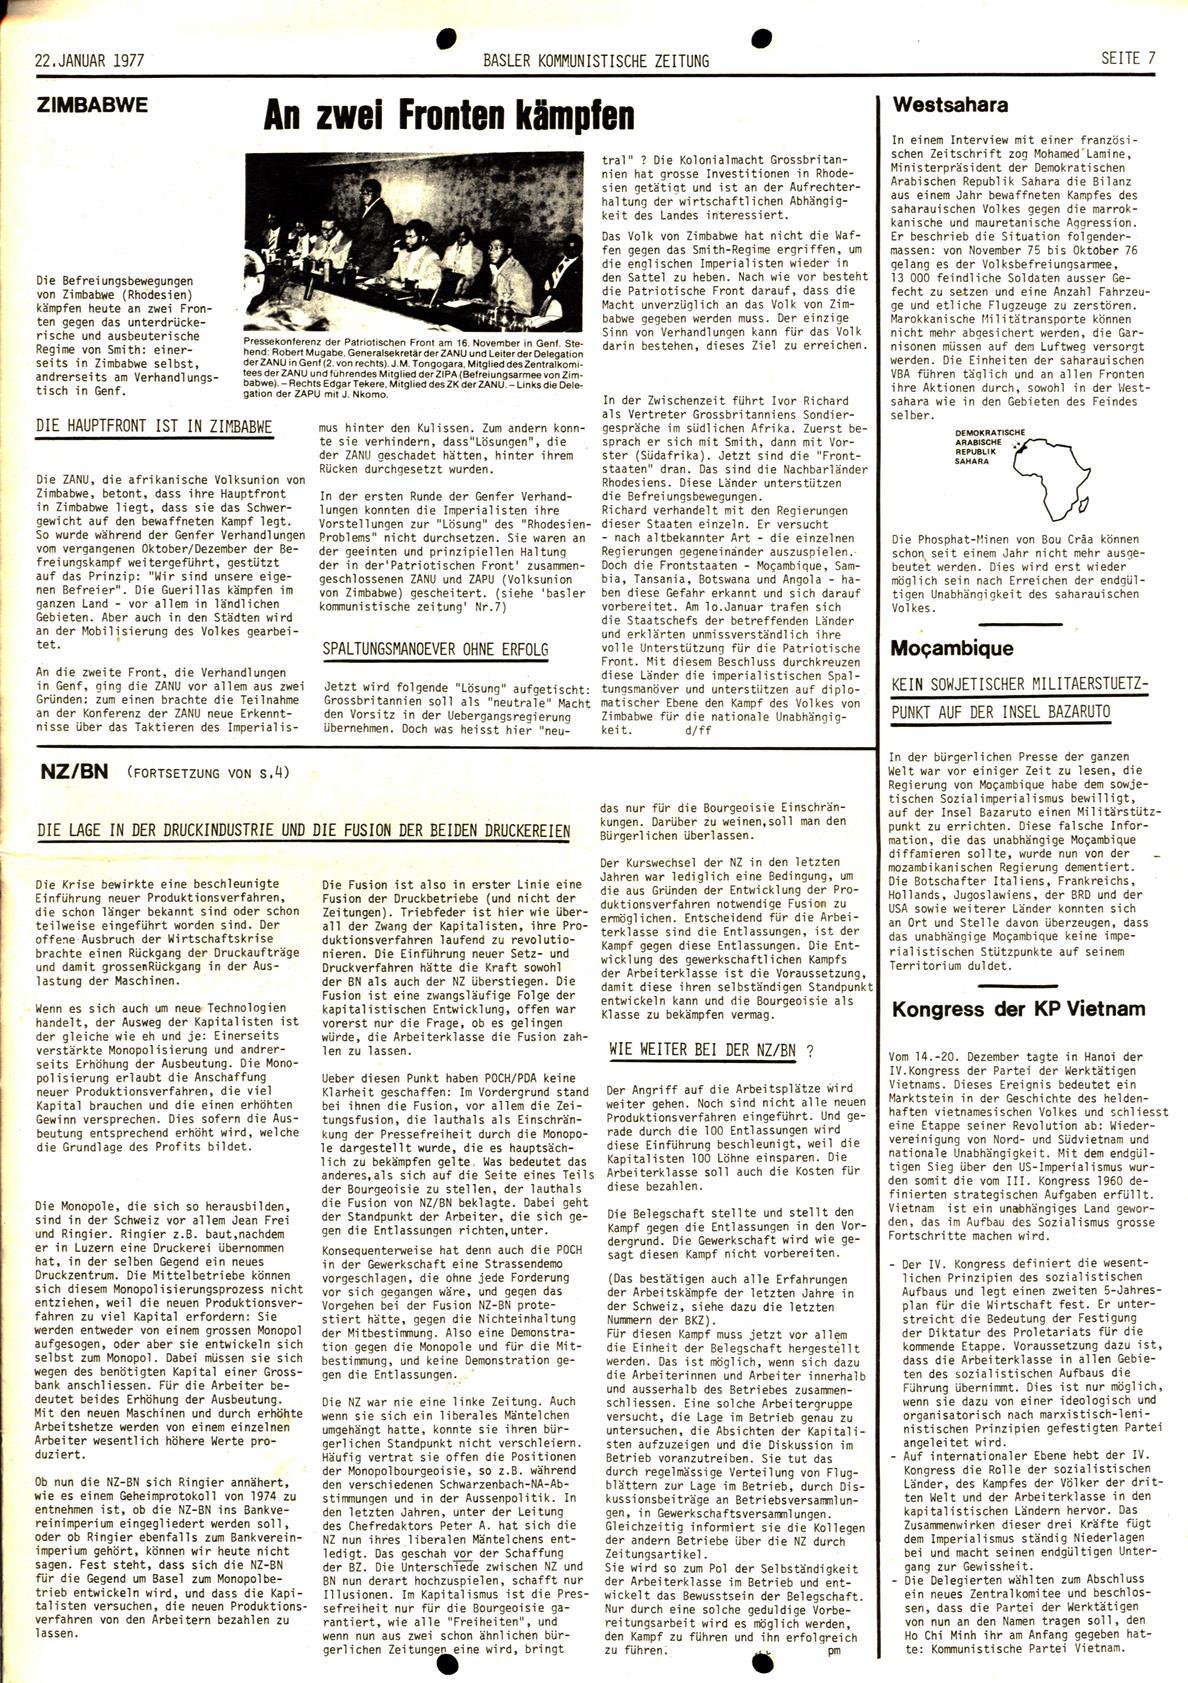 Basel_Kommunistische_Zeitung_19770122_07